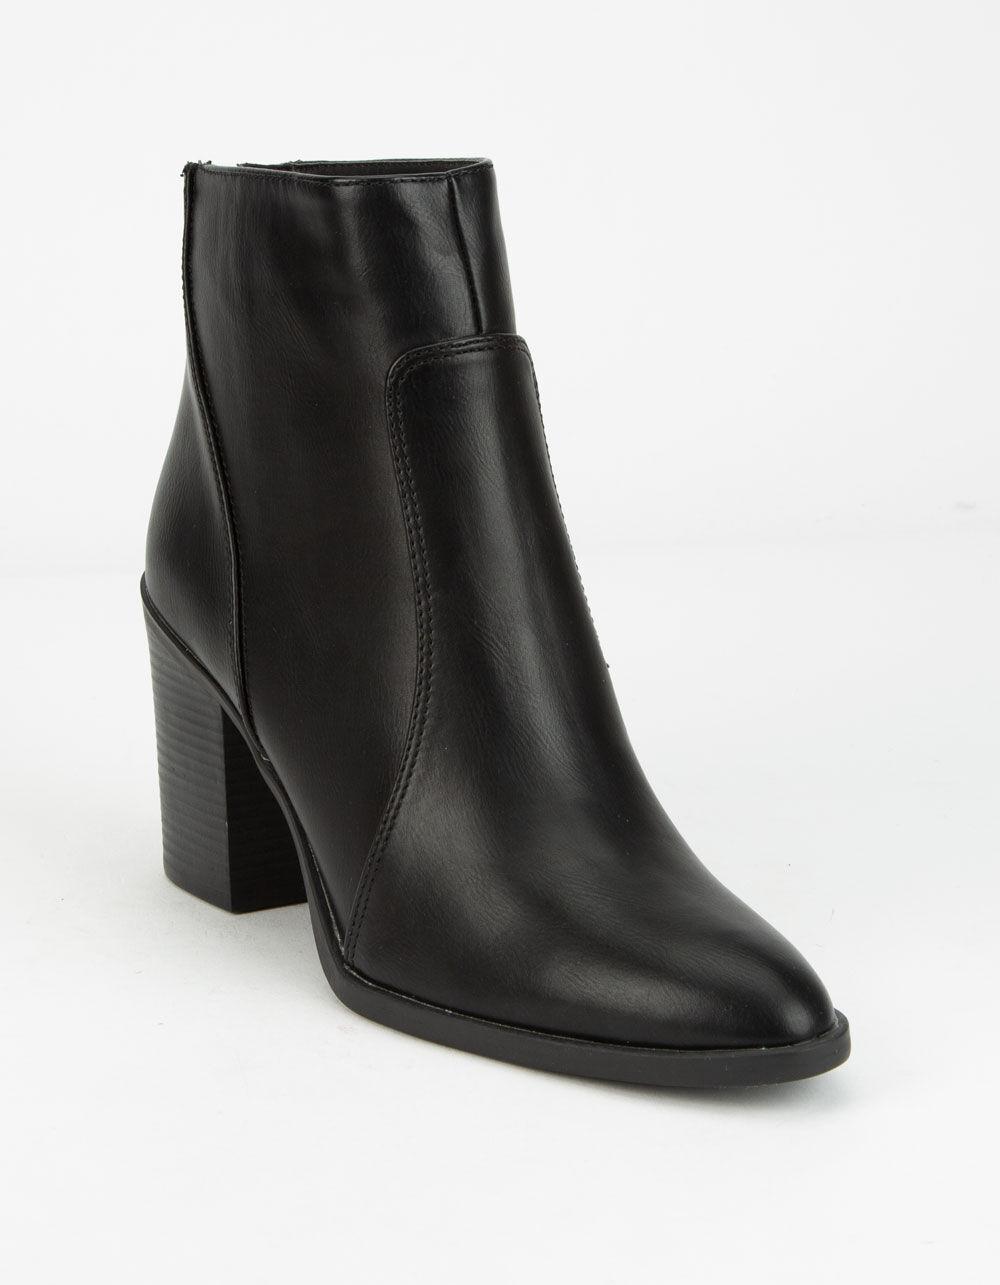 QUPID Block Heel Black Booties